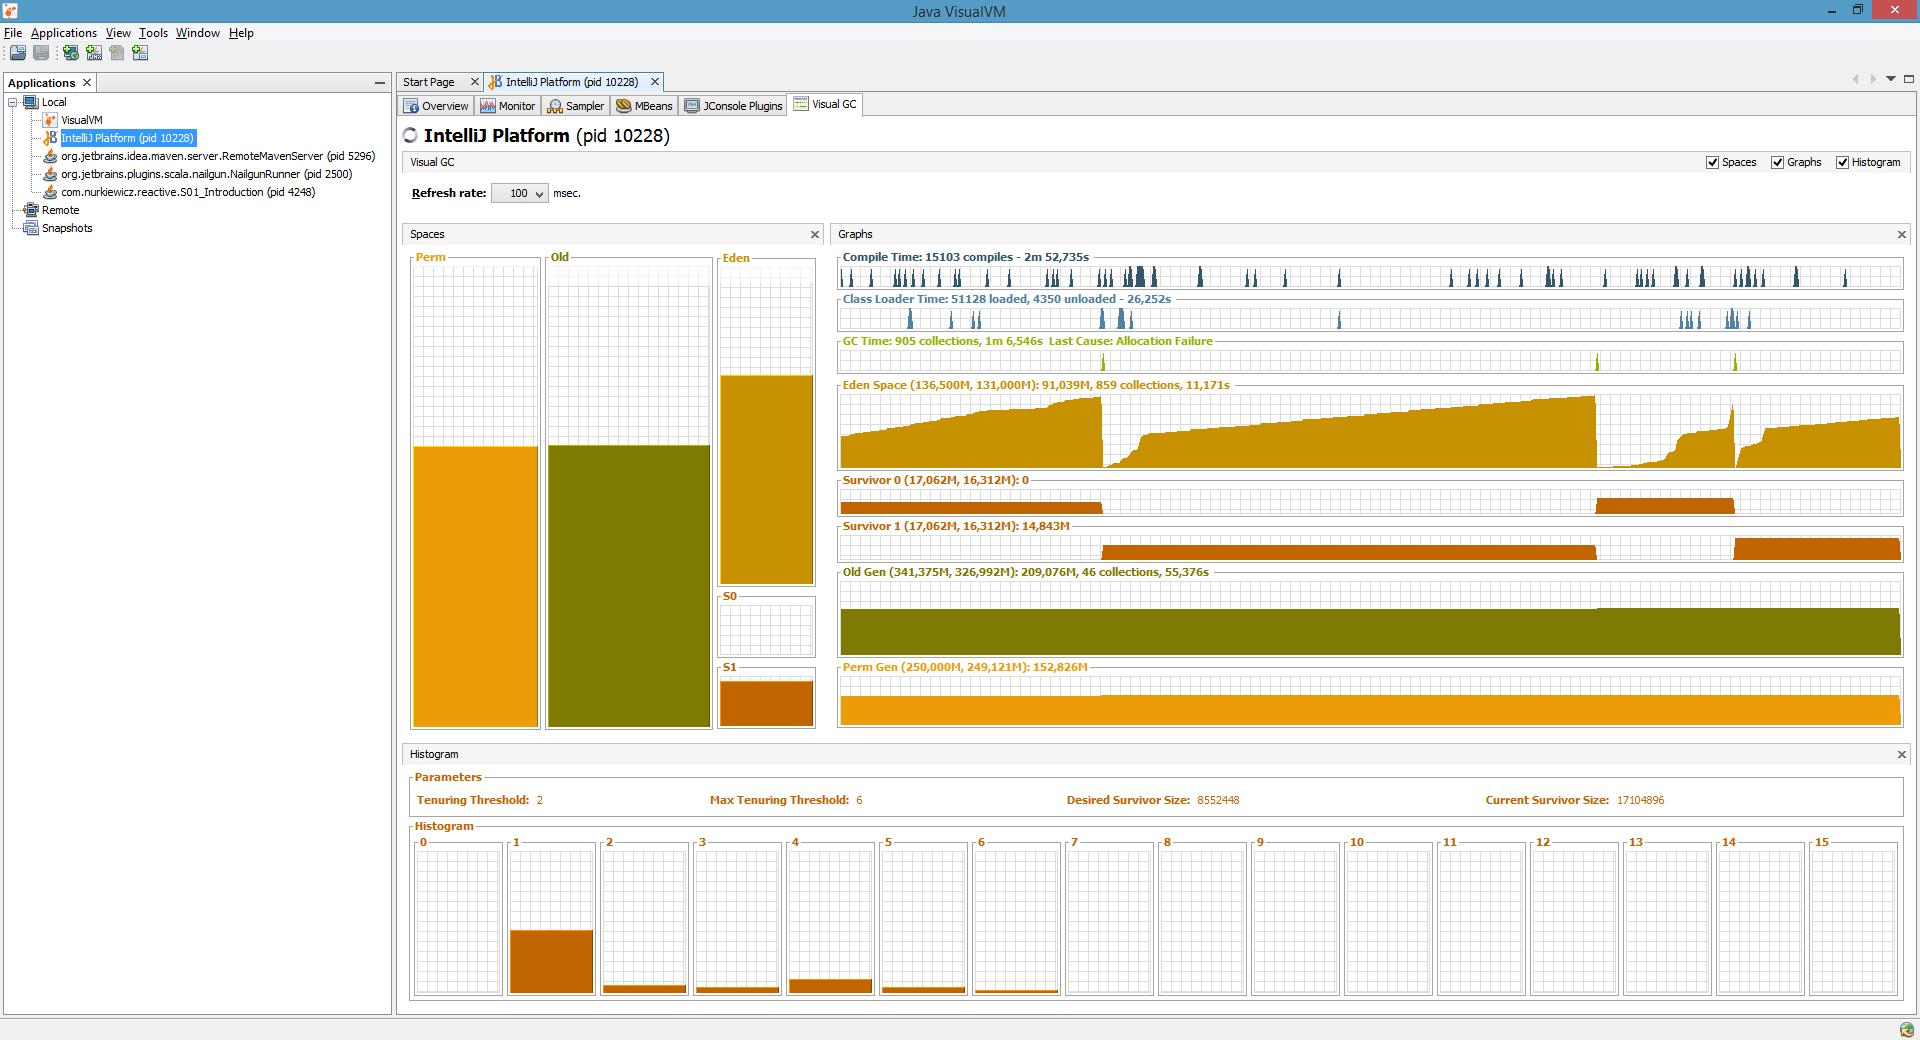 Monitoring Java applications